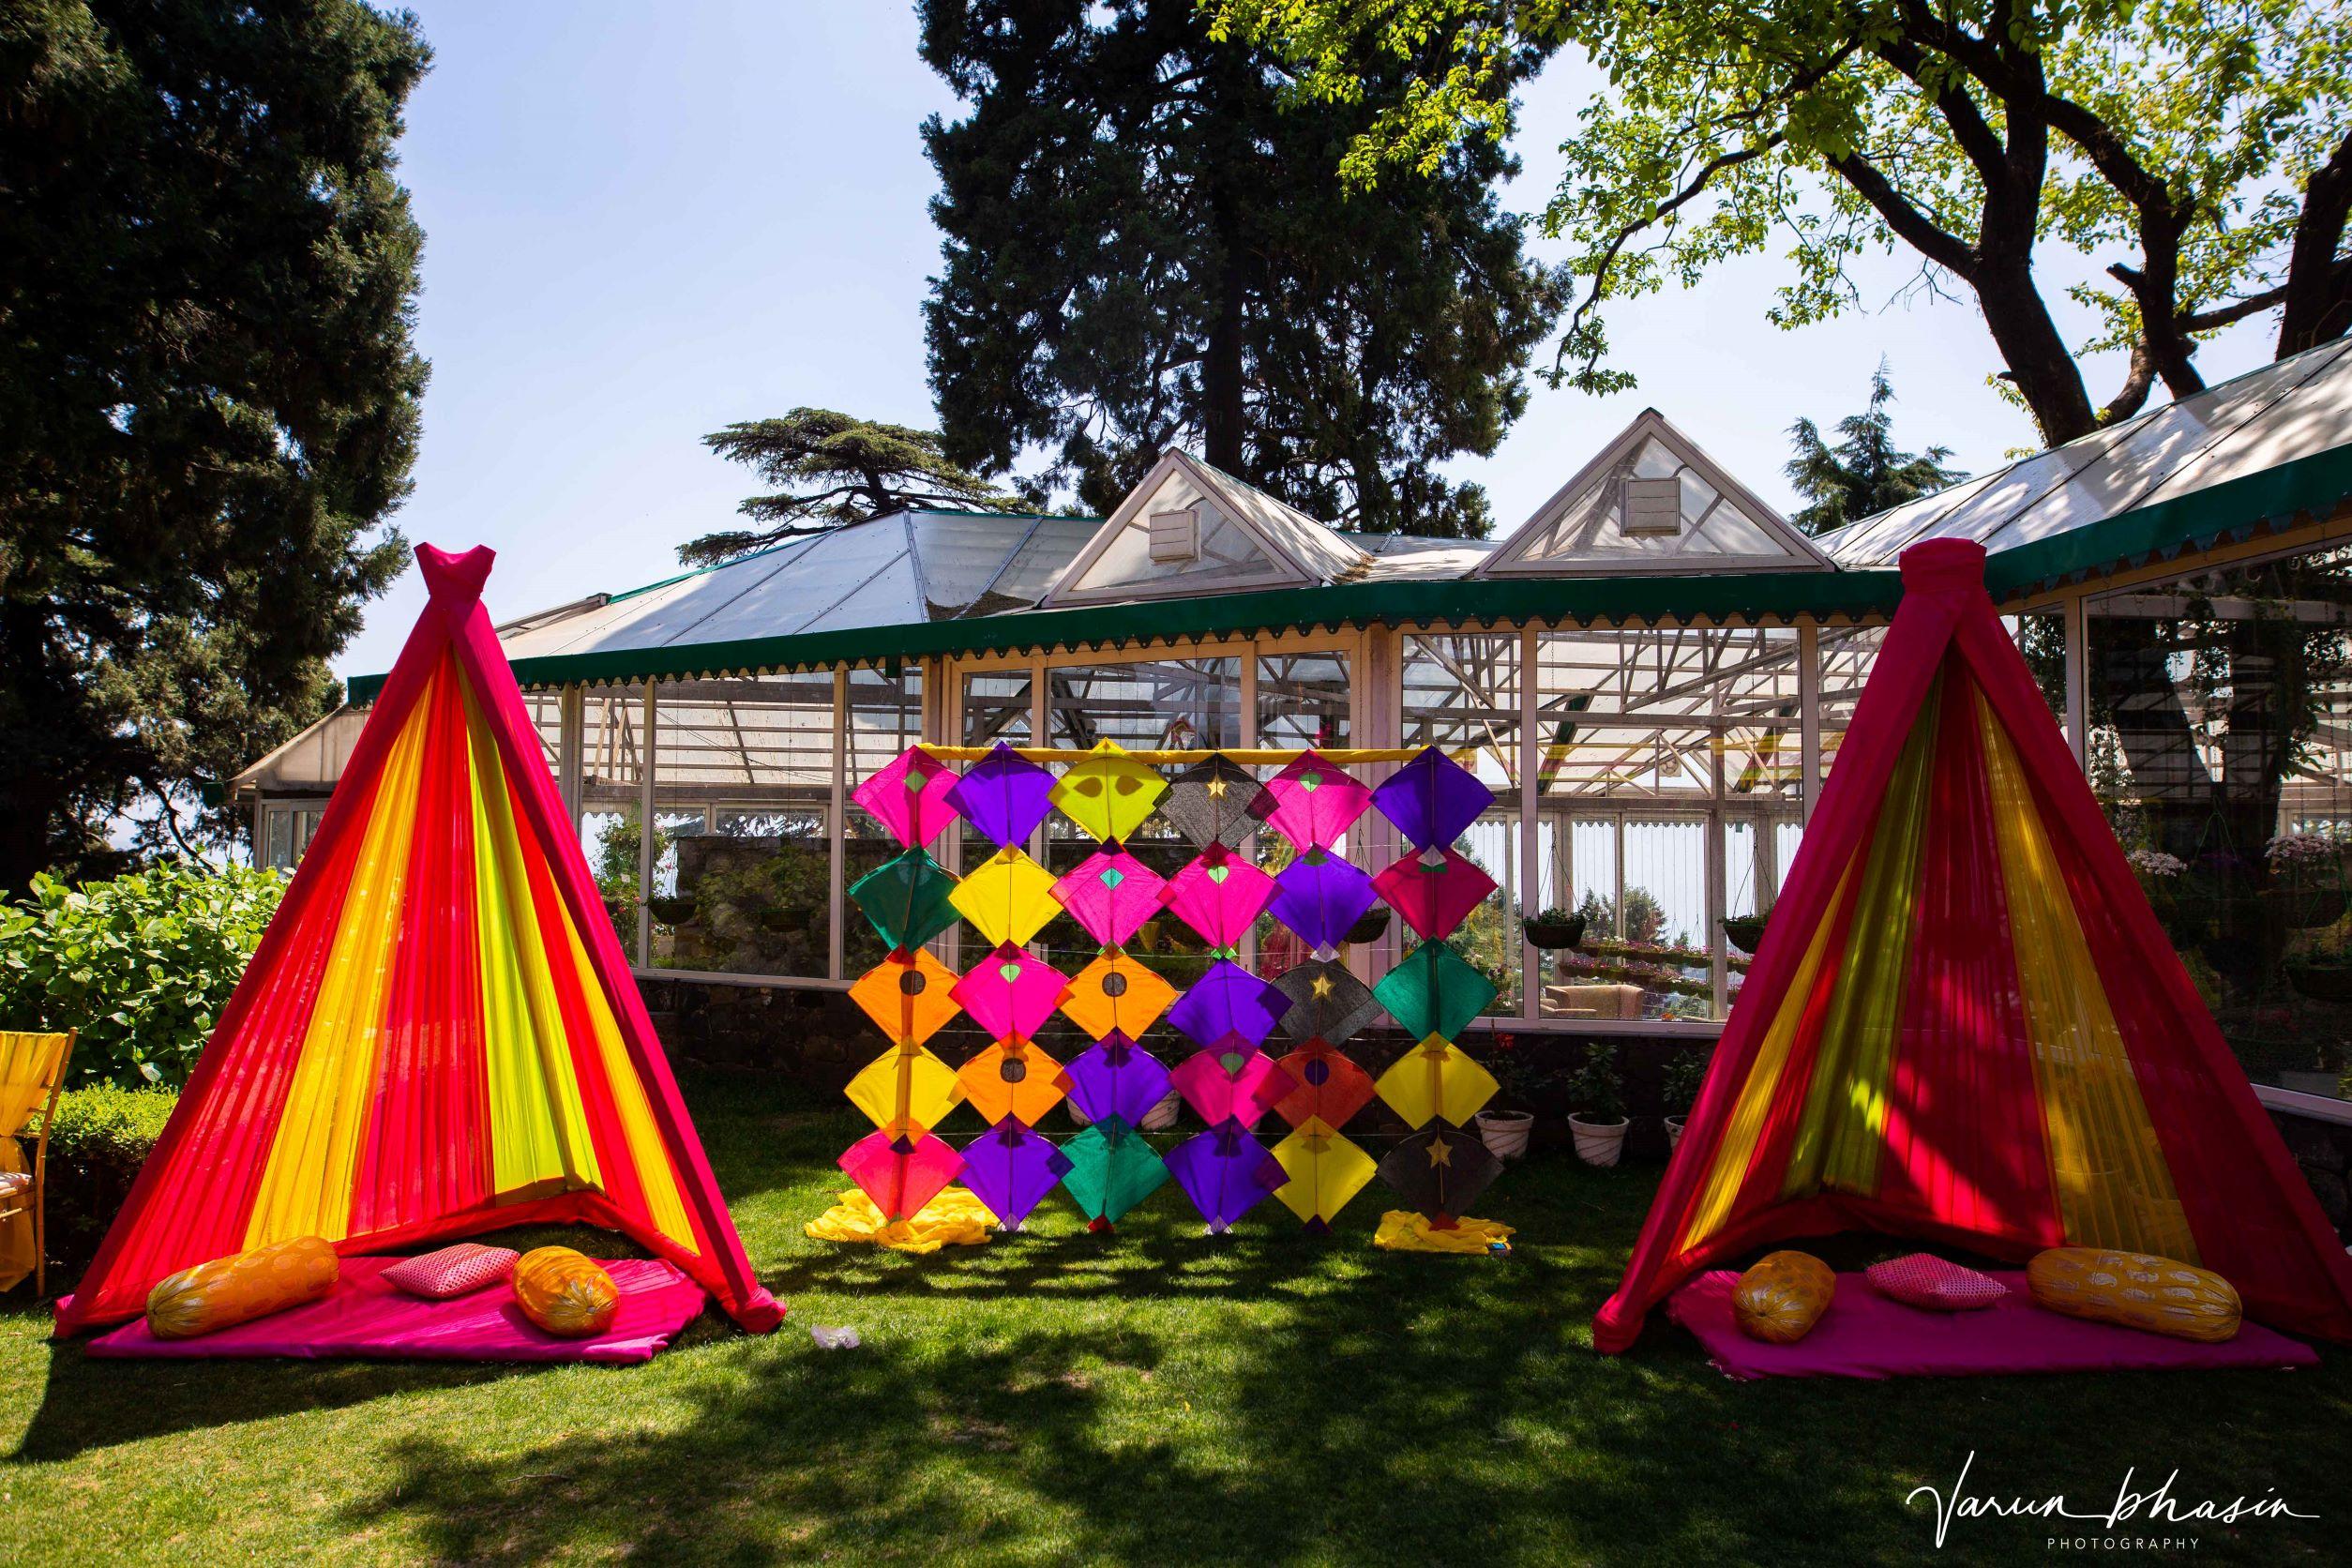 vibrant kites and canopy decor